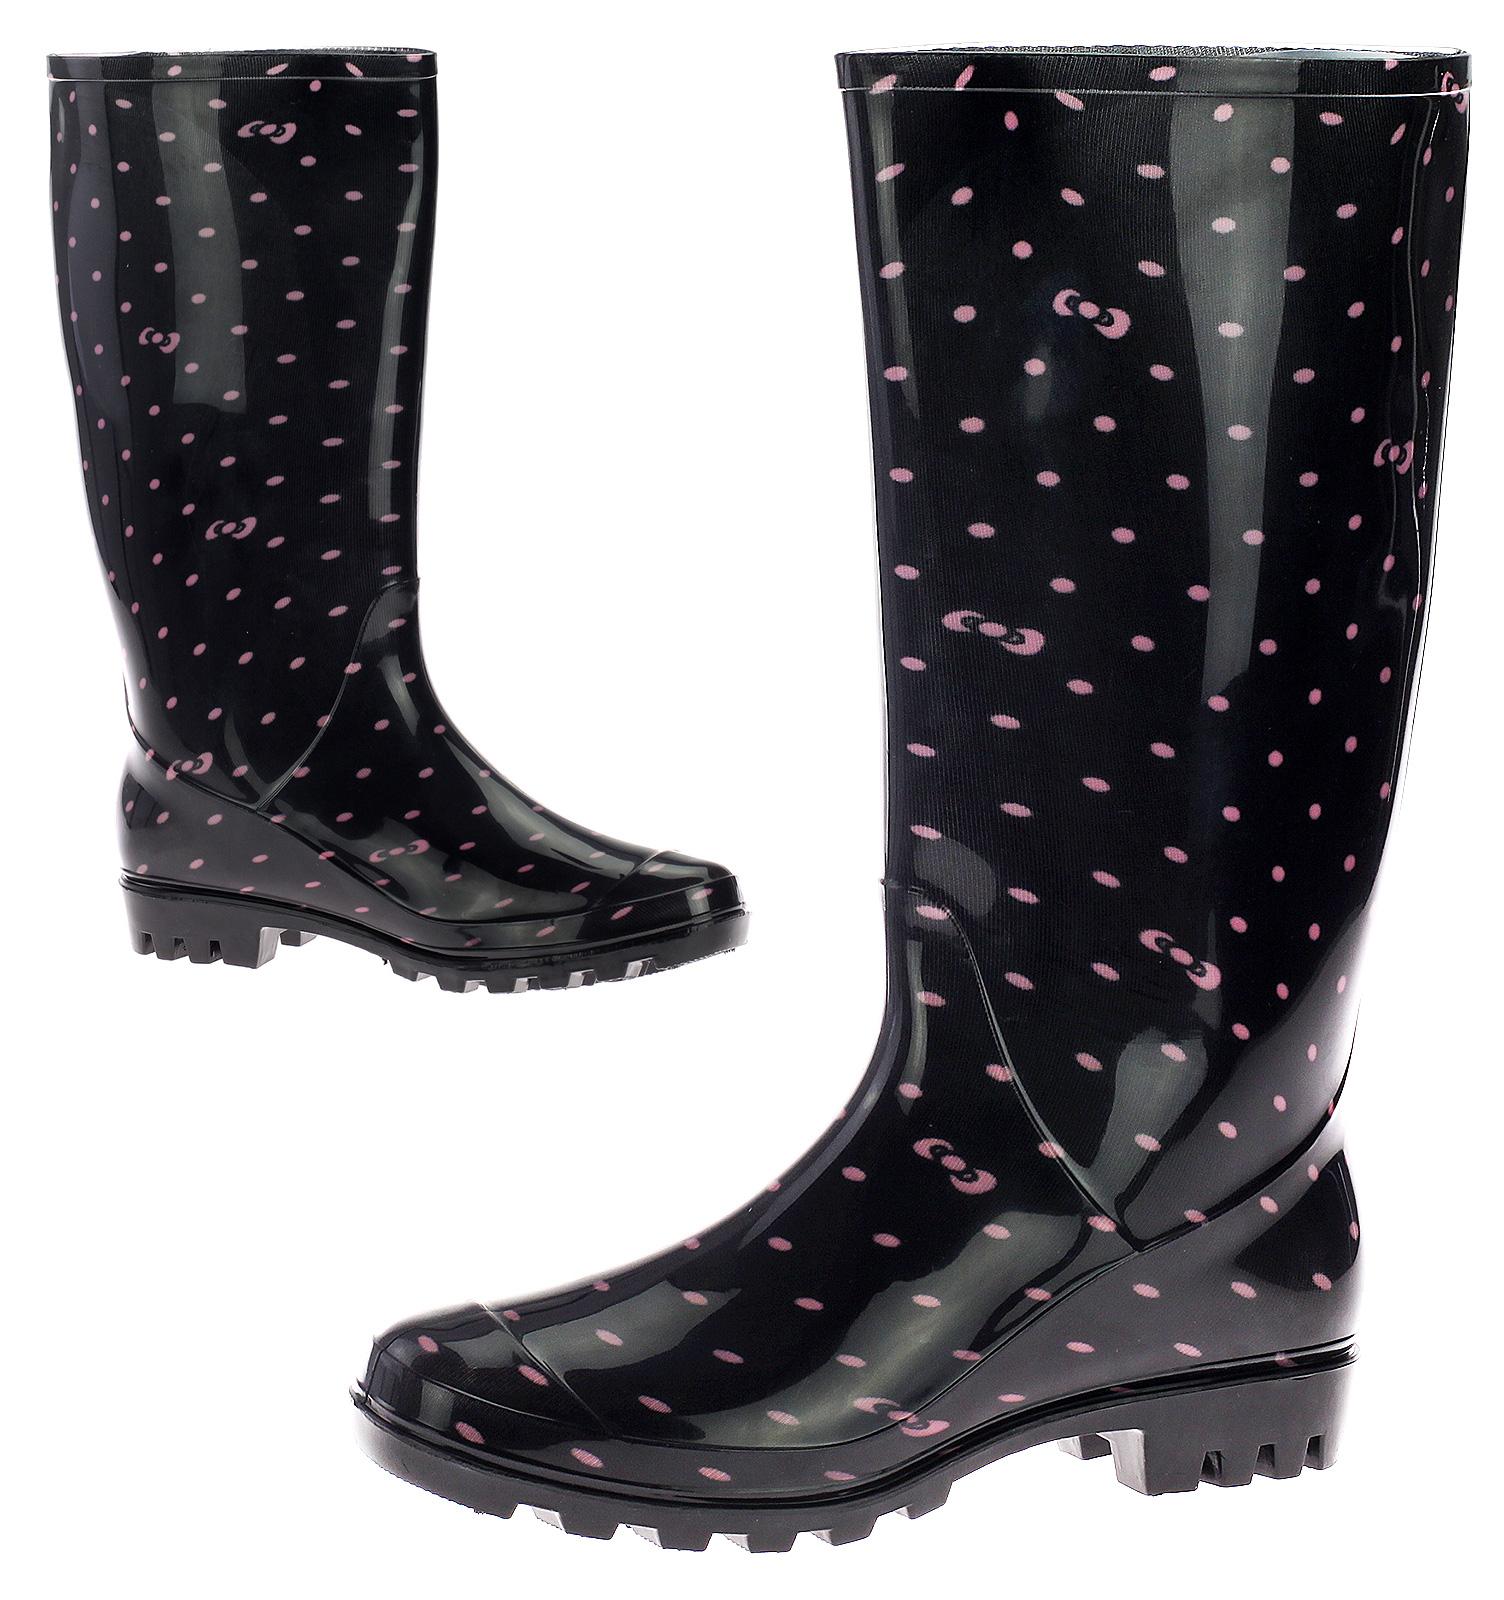 Damen Gummistiefel Regenstiefel Gummischuh Stiefel Stiefelette Profilsohle